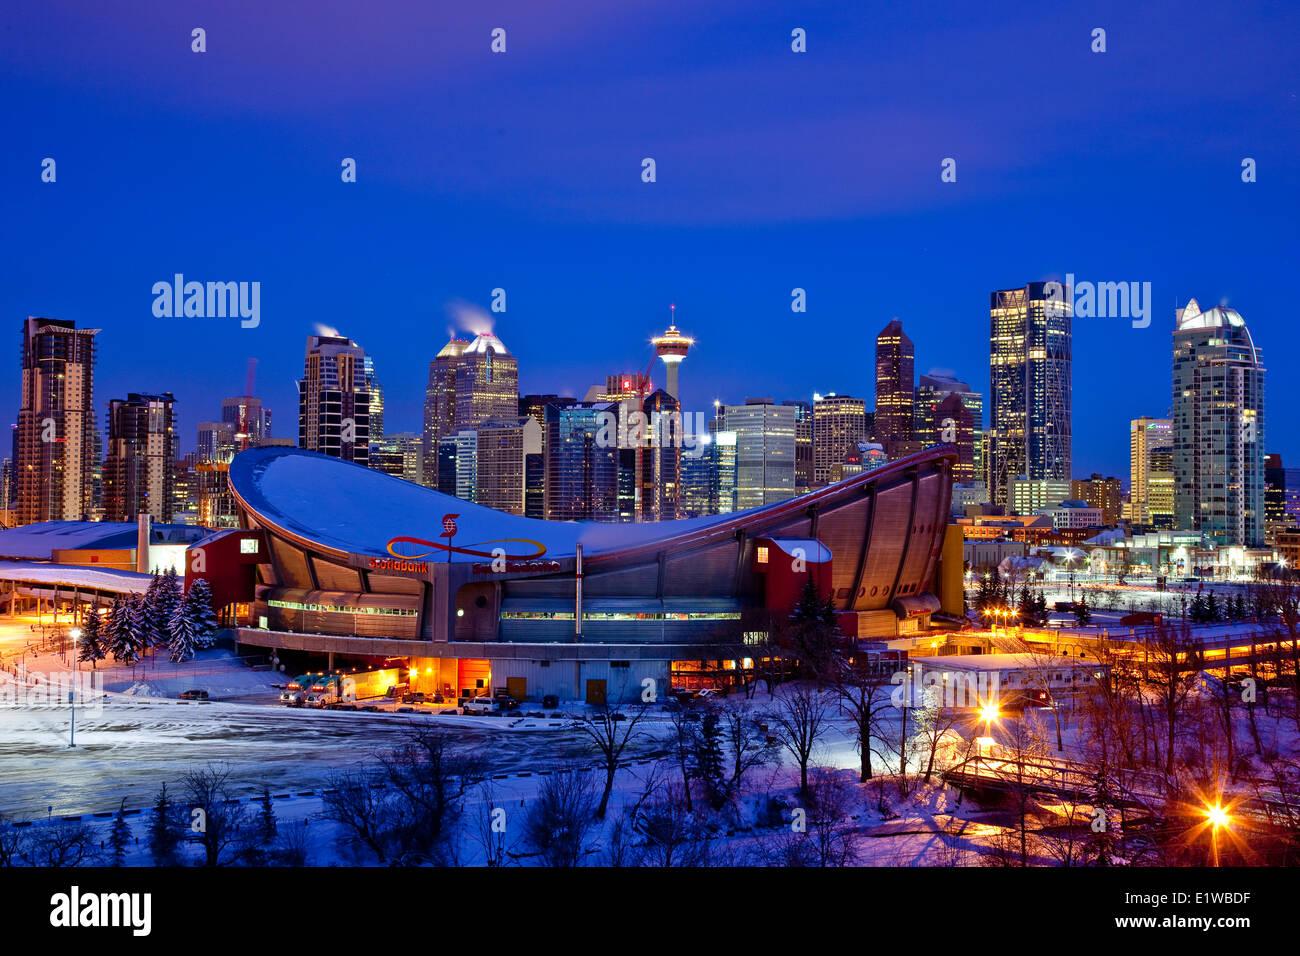 Calgary skyline notturno in inverno con Scotiabank Saddledome in primo piano, Calgary Alberta, Canada. Immagini Stock